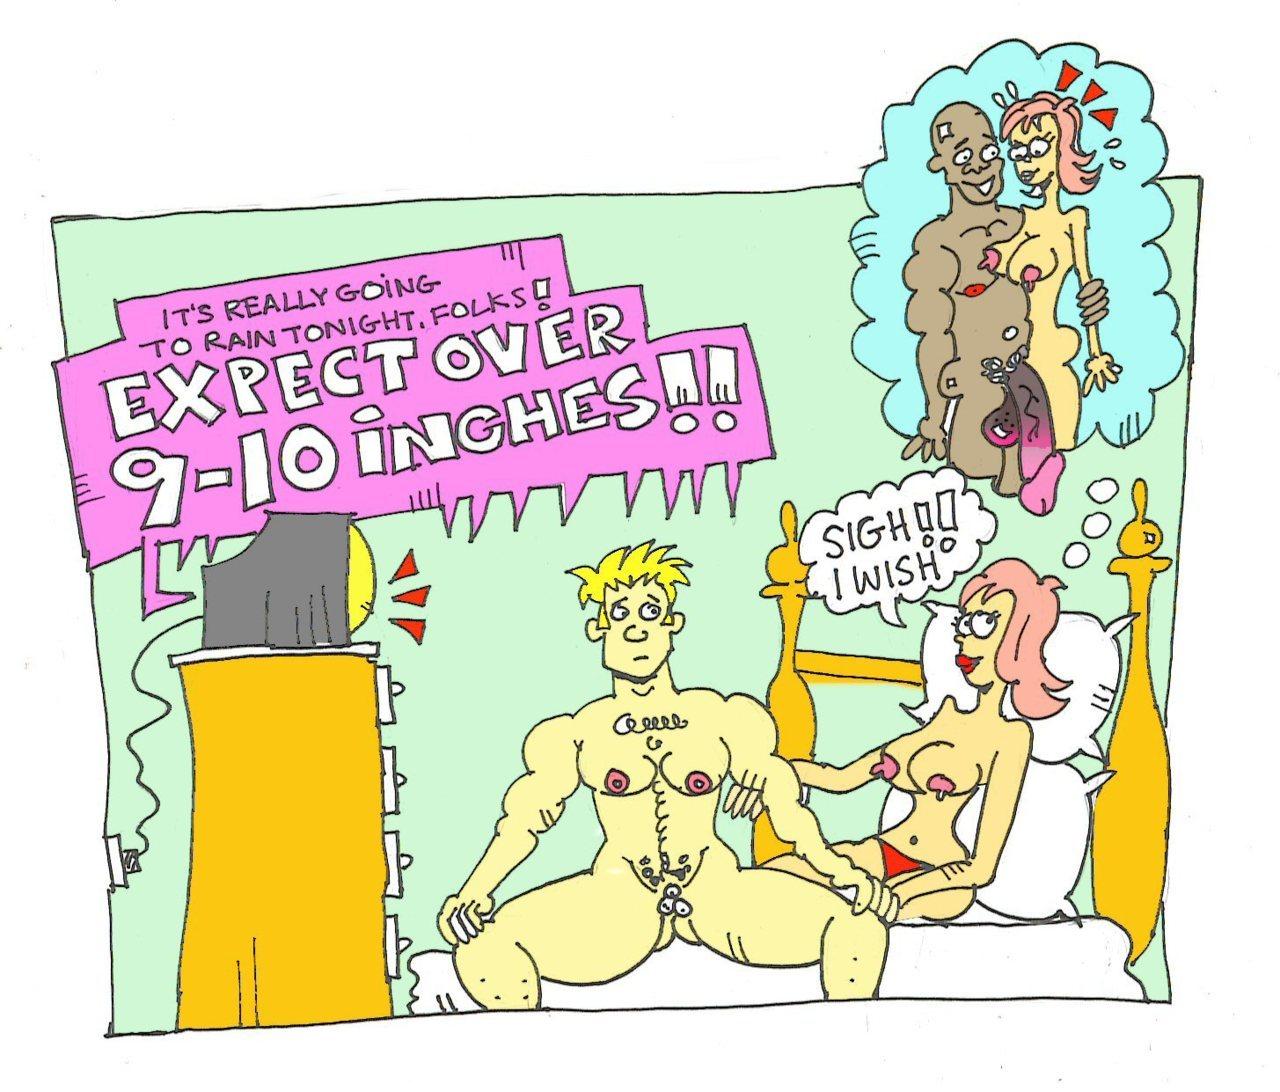 Je cherche uniquement des sexy webcam